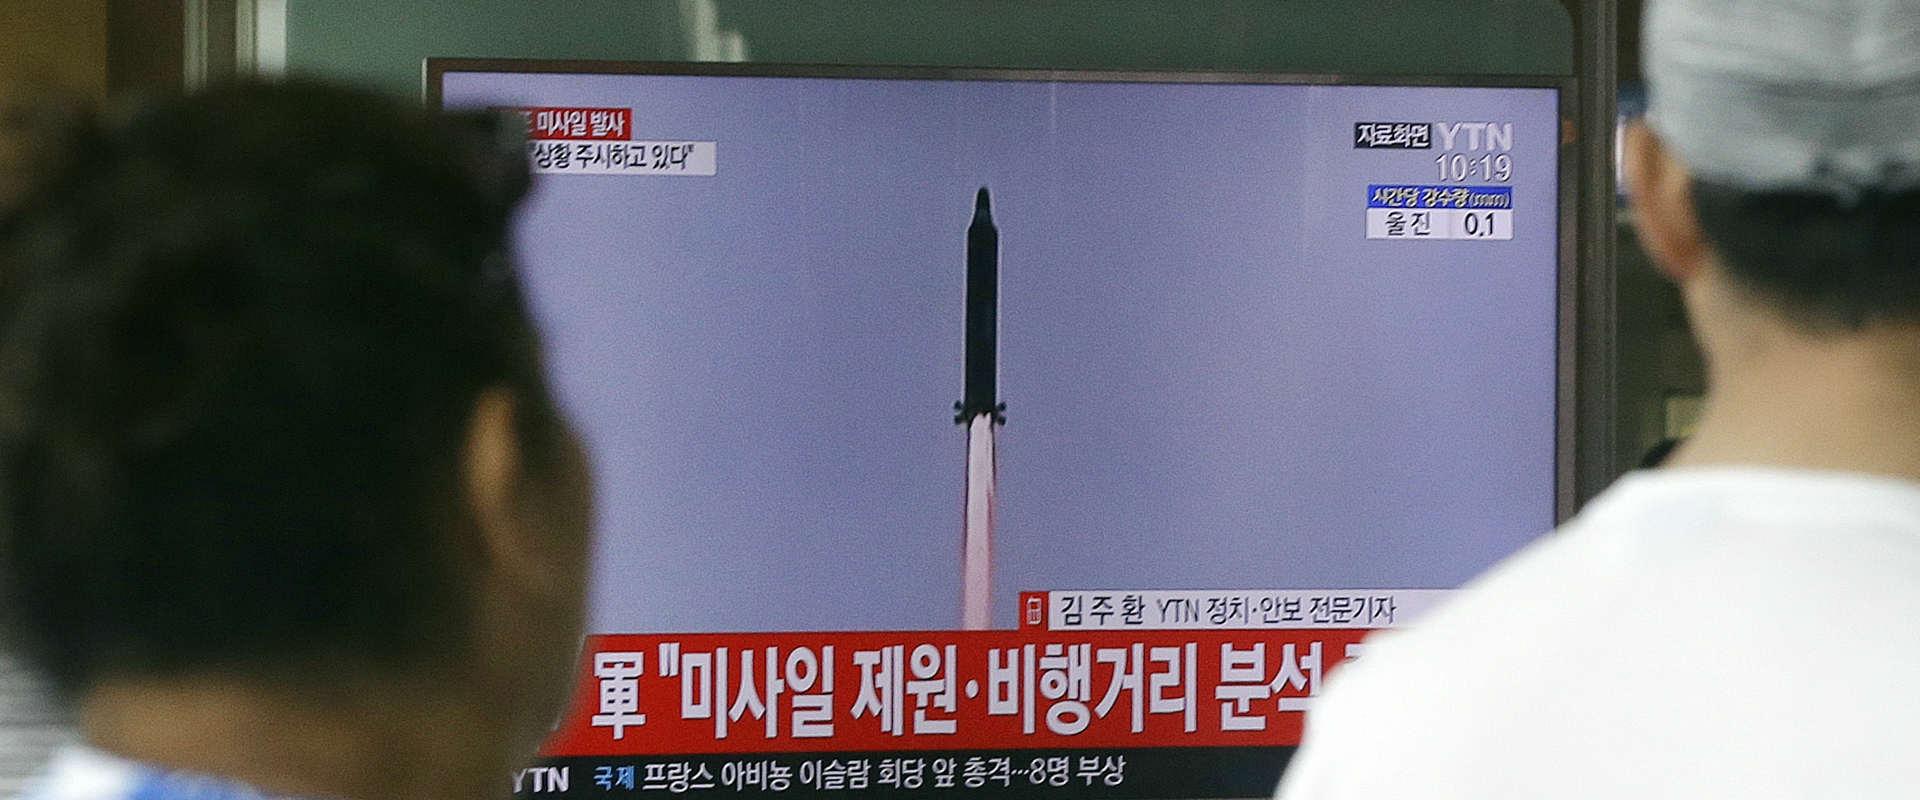 דיווח בטלוויזיה בקוריאה הדרומית על השיגור שביצעה ק